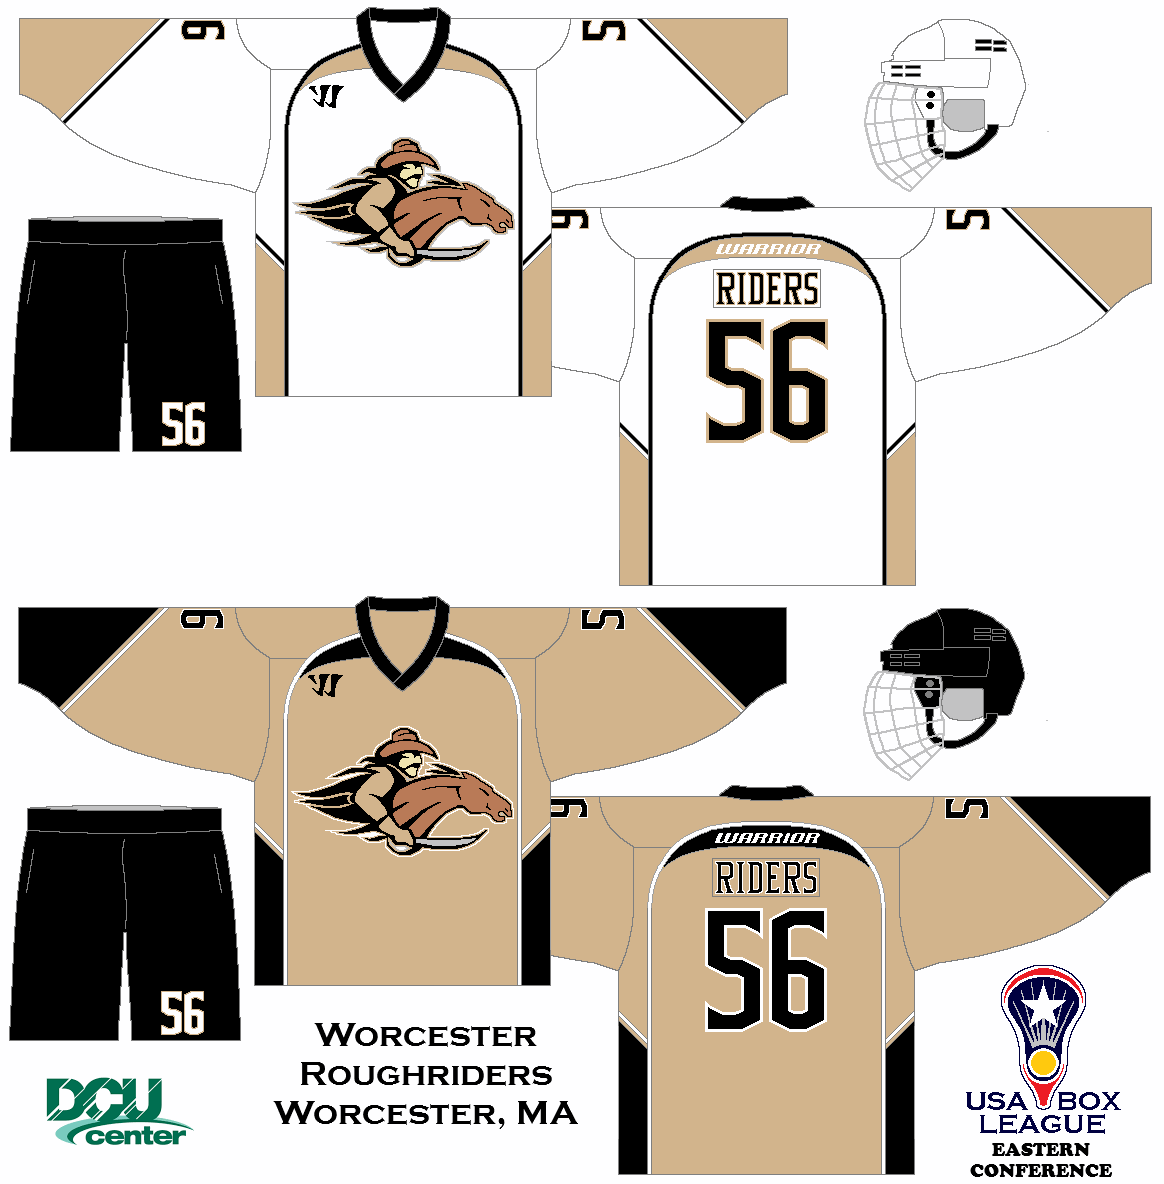 My Fictional Box Lacrosse League The Us Box Lacrosse League Worcester Roughriders Uniform Set Concept Box Lacrosse Lacrosse League